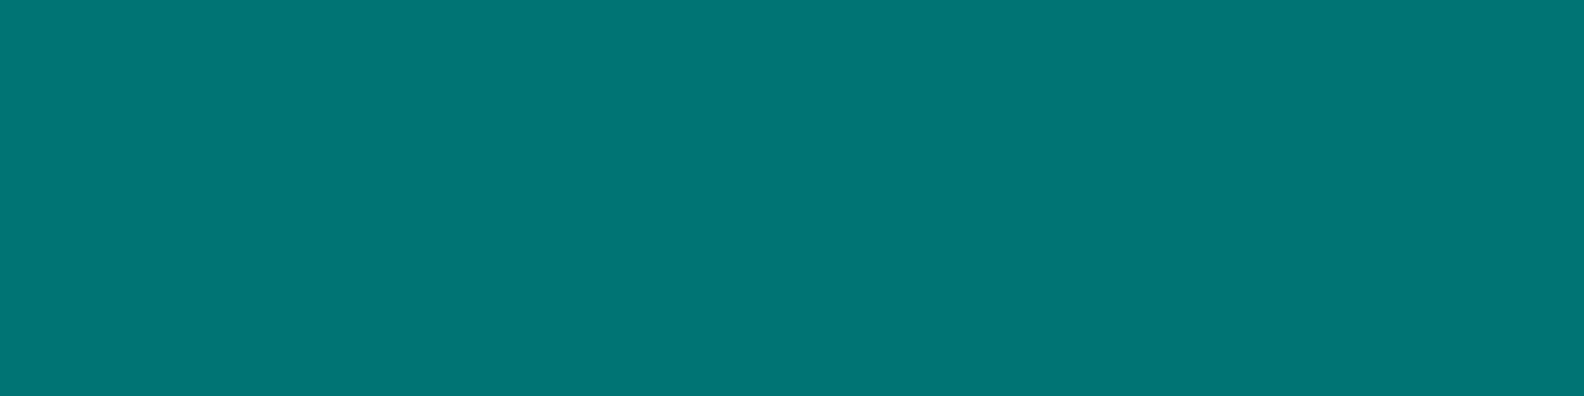 1584x396 Skobeloff Solid Color Background